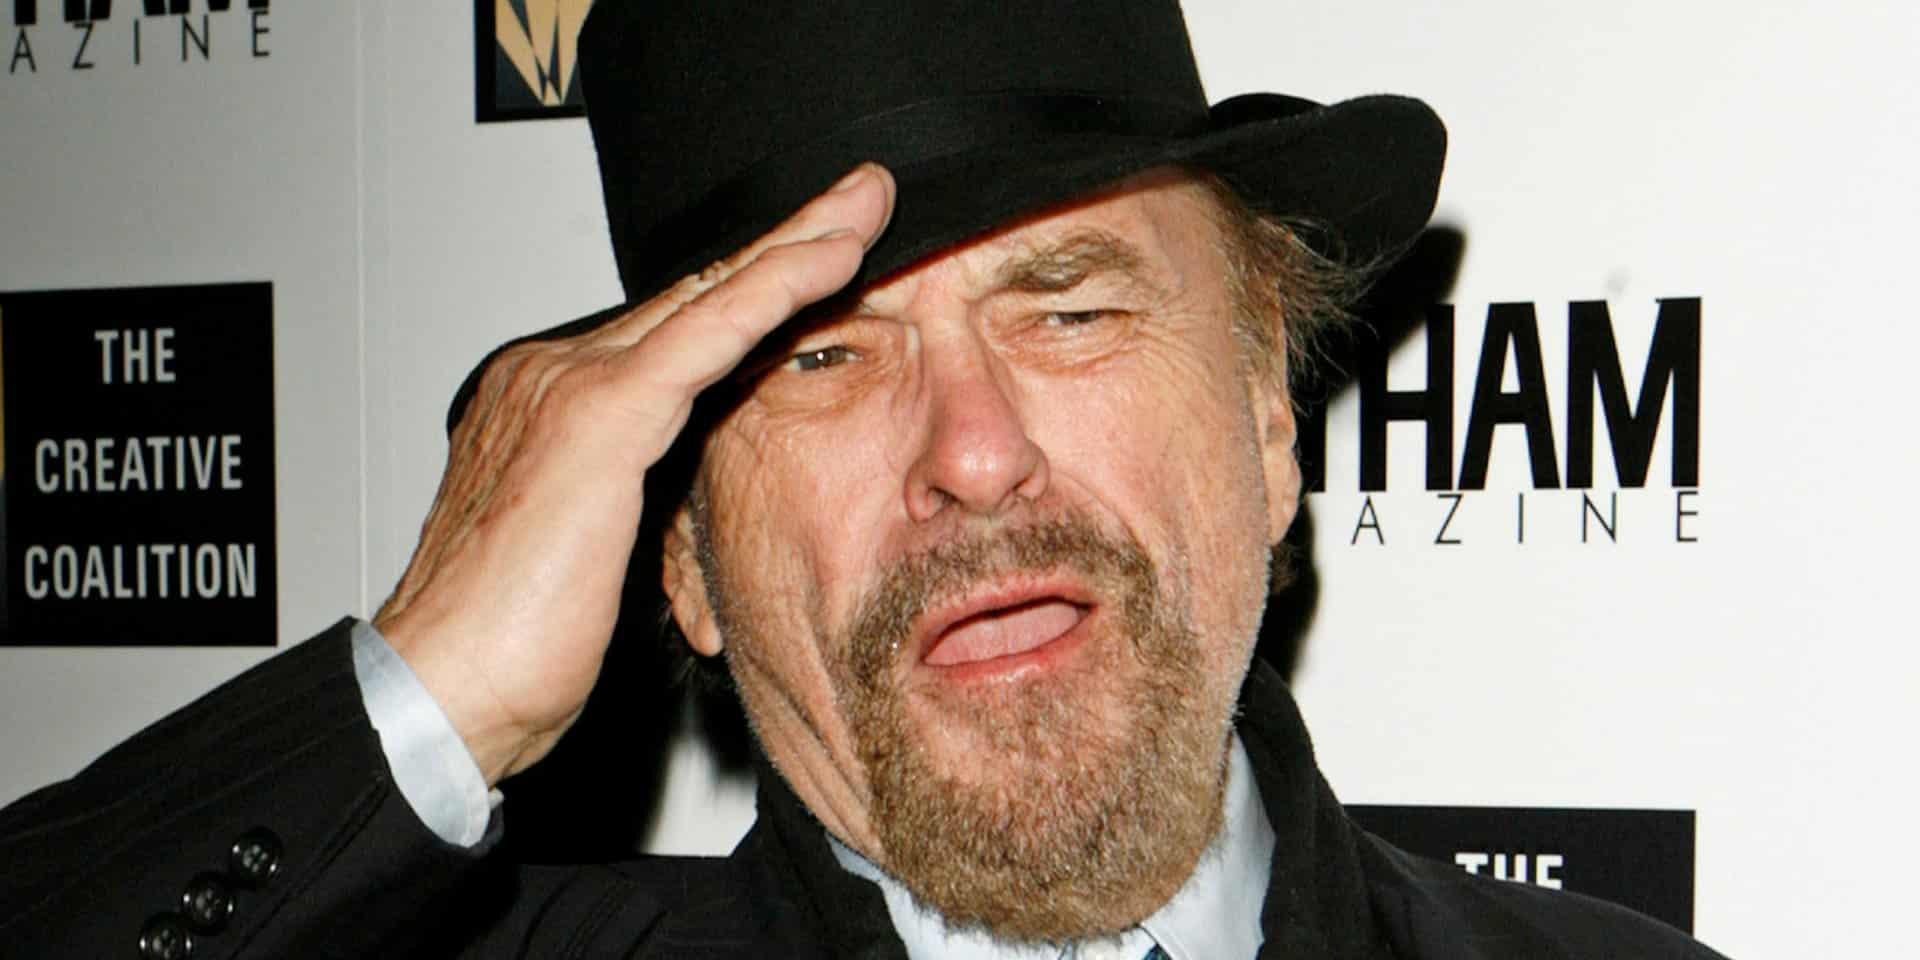 Умер Рип Торн (88 лет): причина смерти, чем болел, звезда фильма Люди в чёрном